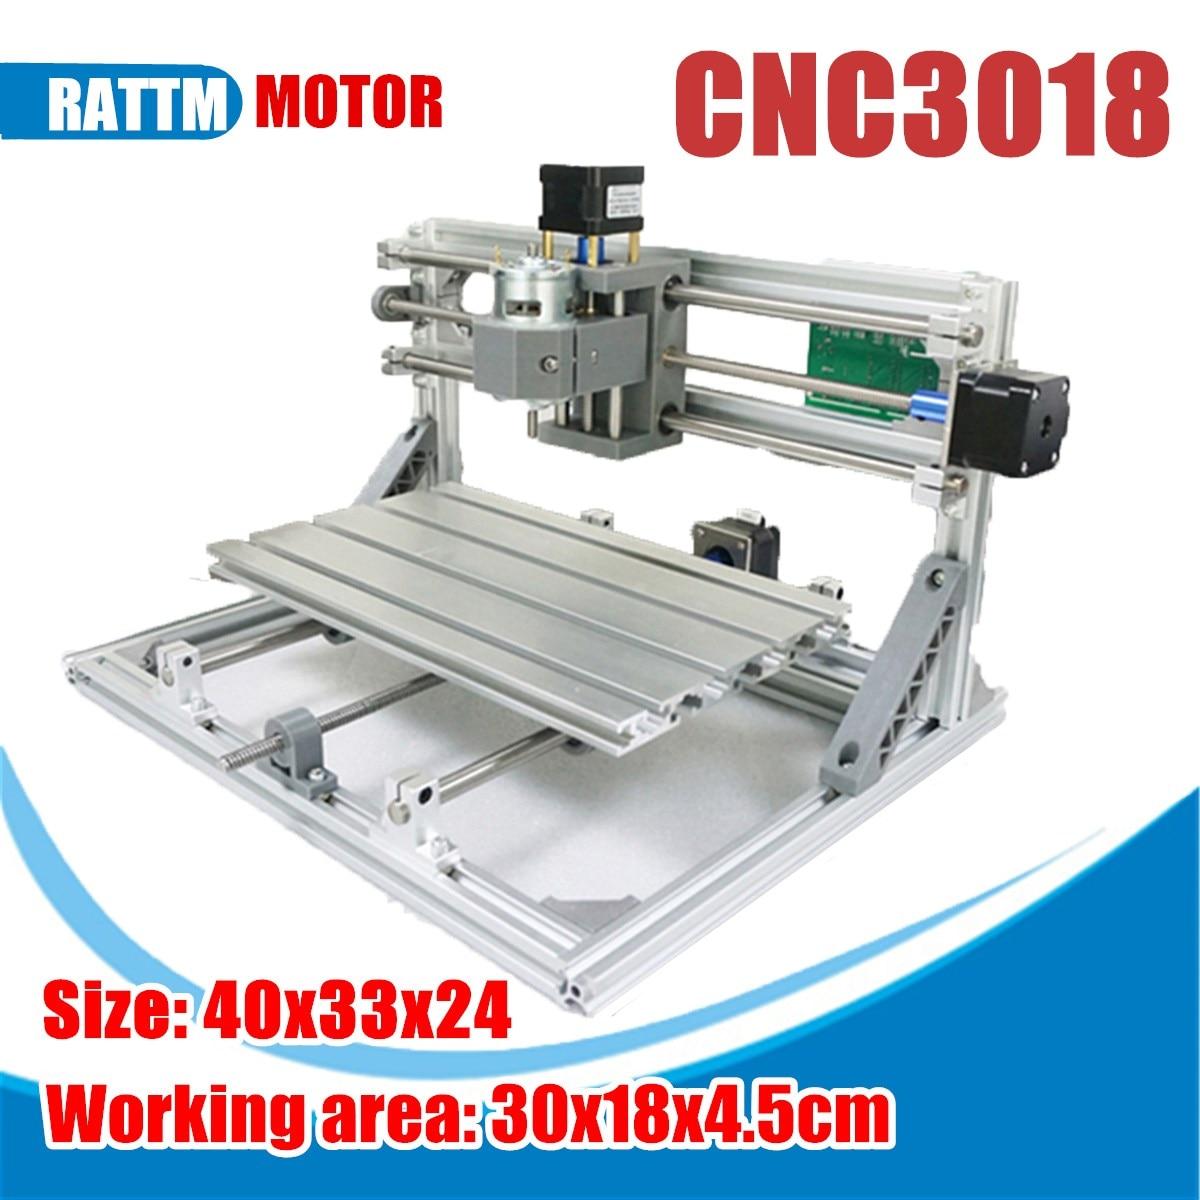 3 axes CNC 3018 GRBL contrôle bricolage Mini CNC routeur Laser Machine Pcb Pvc fraisage bois routeur bois routeur gravure Laser